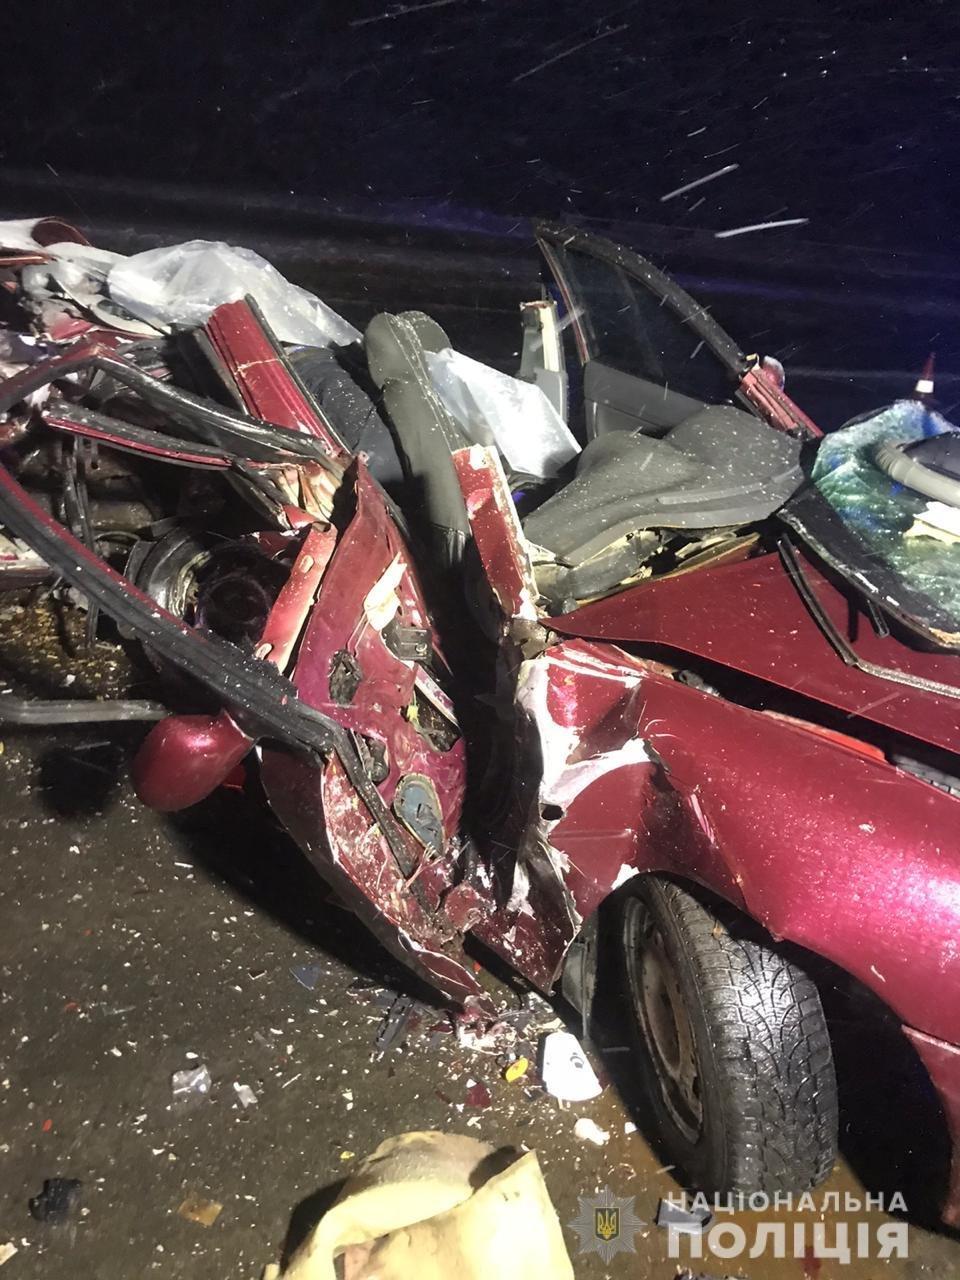 Жуткая авария с пятью погибшими на Харьковщине: выжившего водителя будут судить, - ФОТО, фото-1